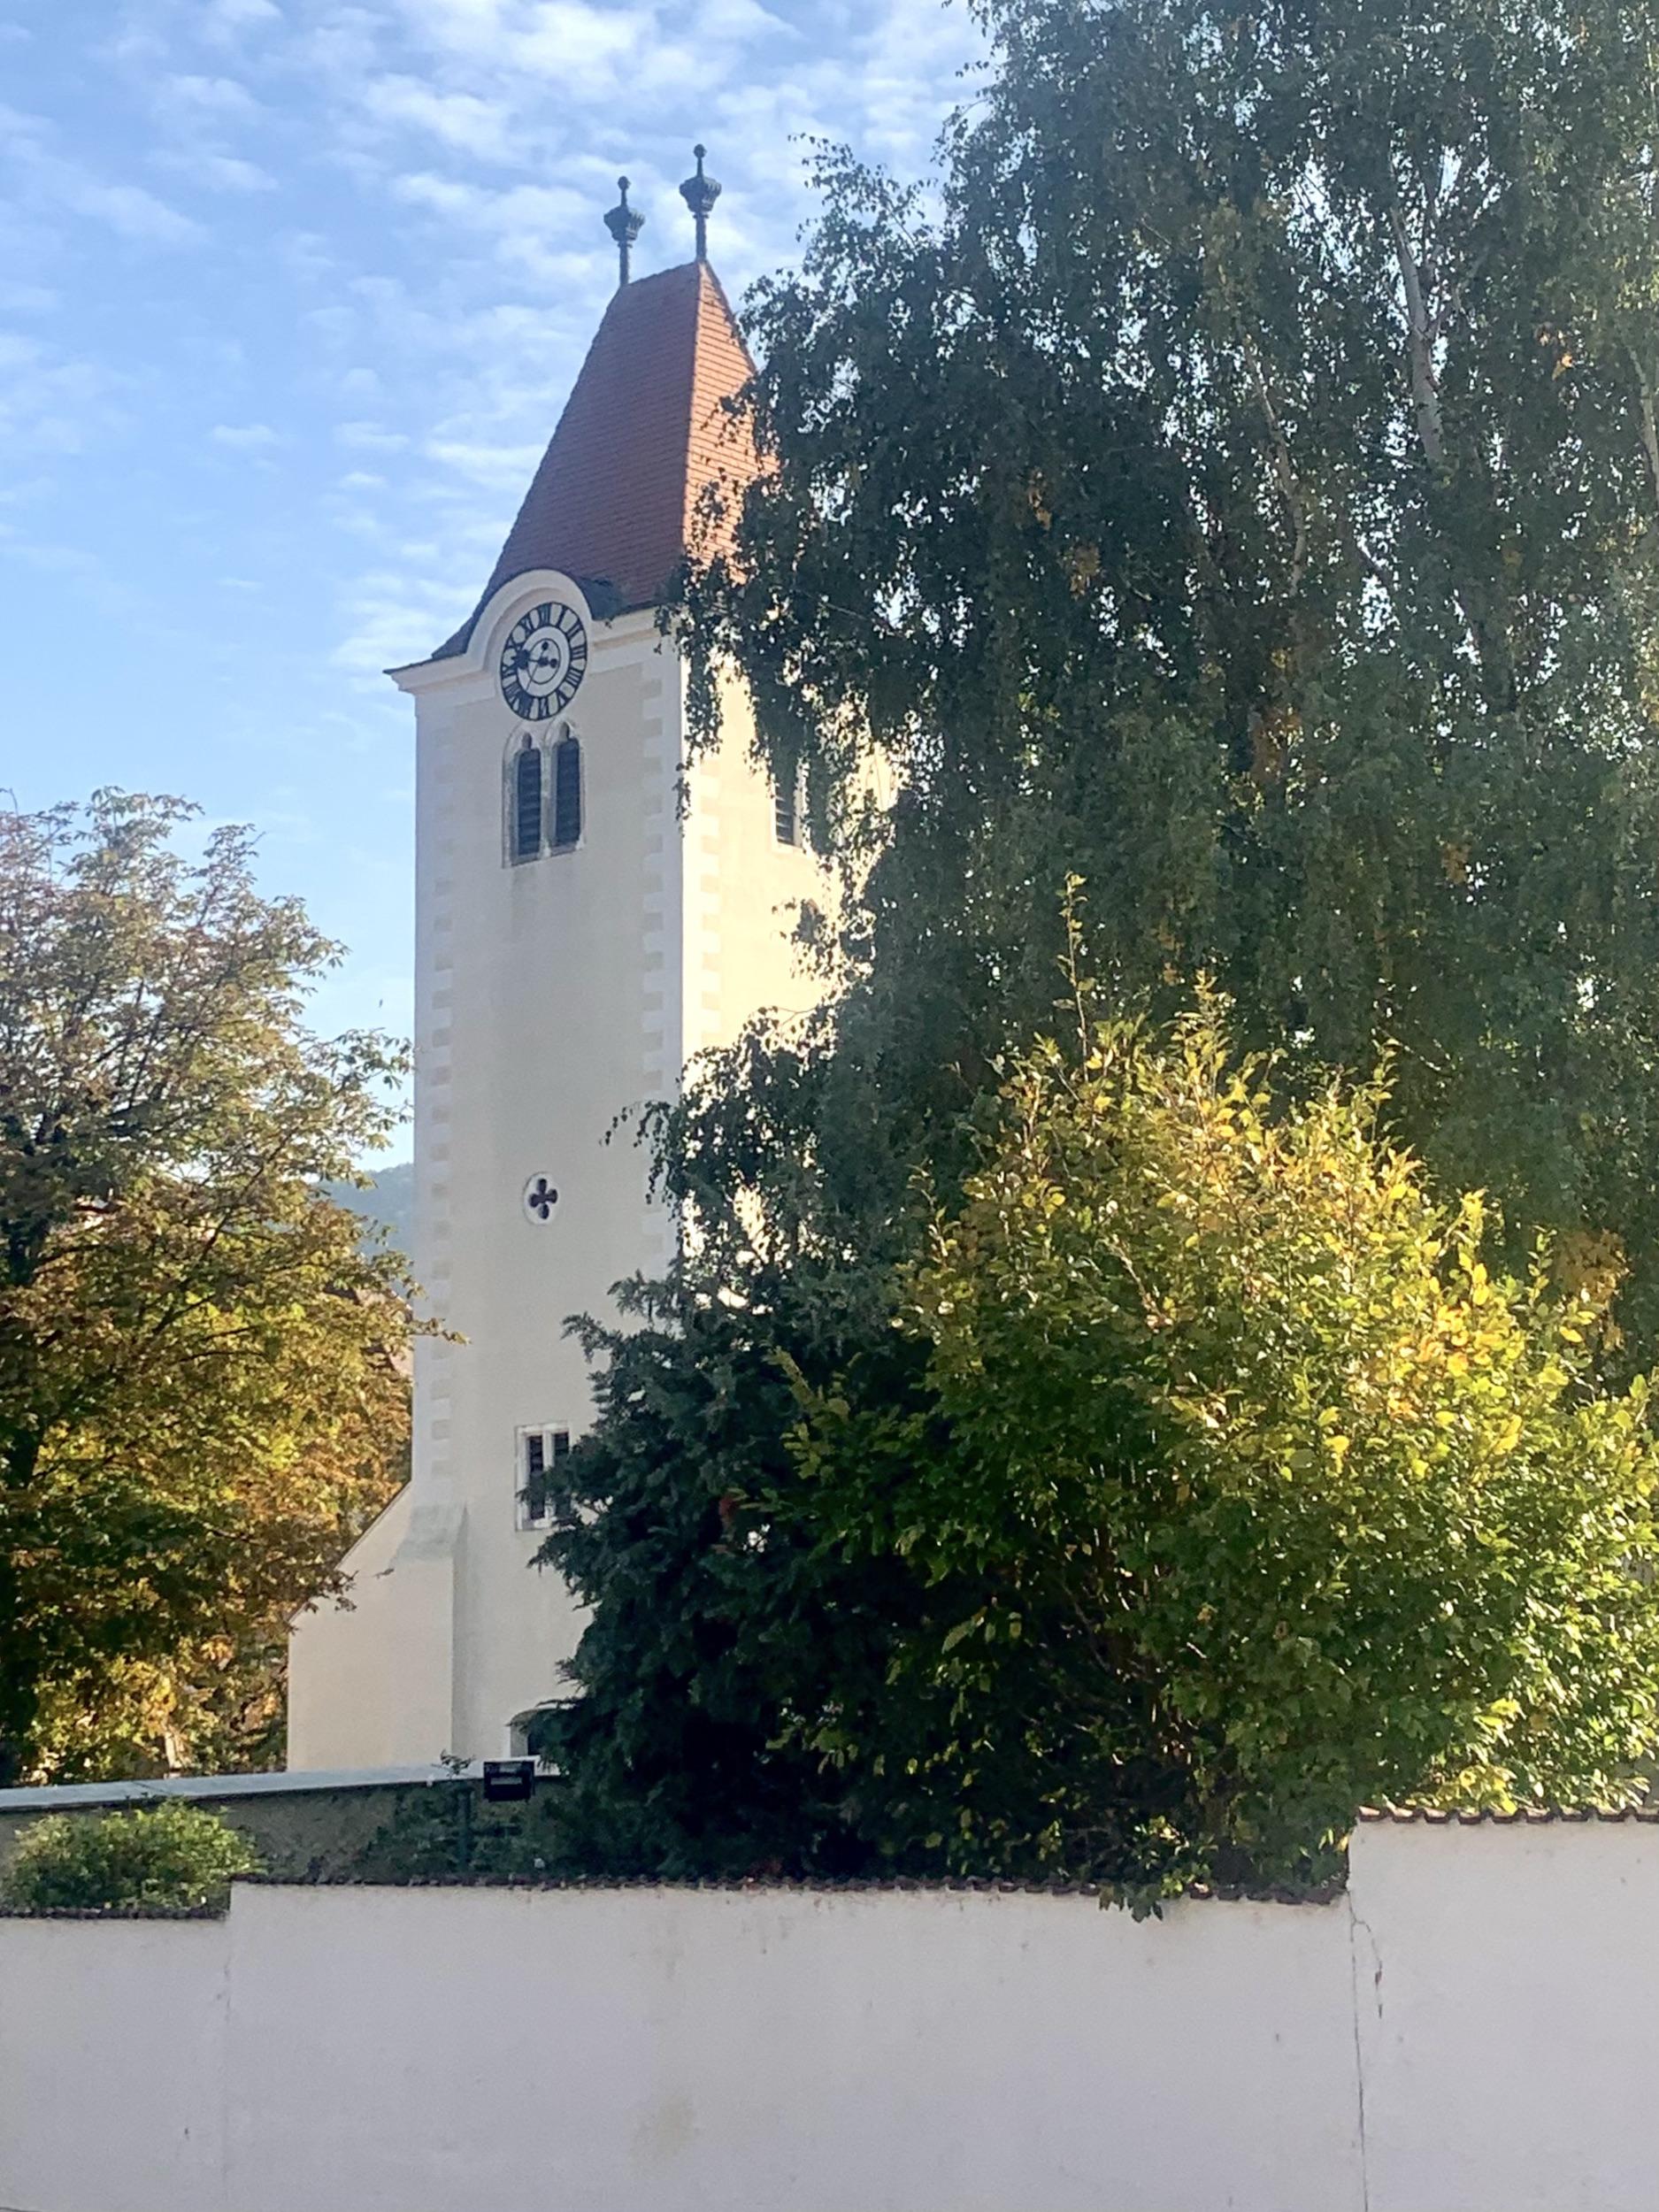 die pfarrkirche von Rossatz in der Wachau